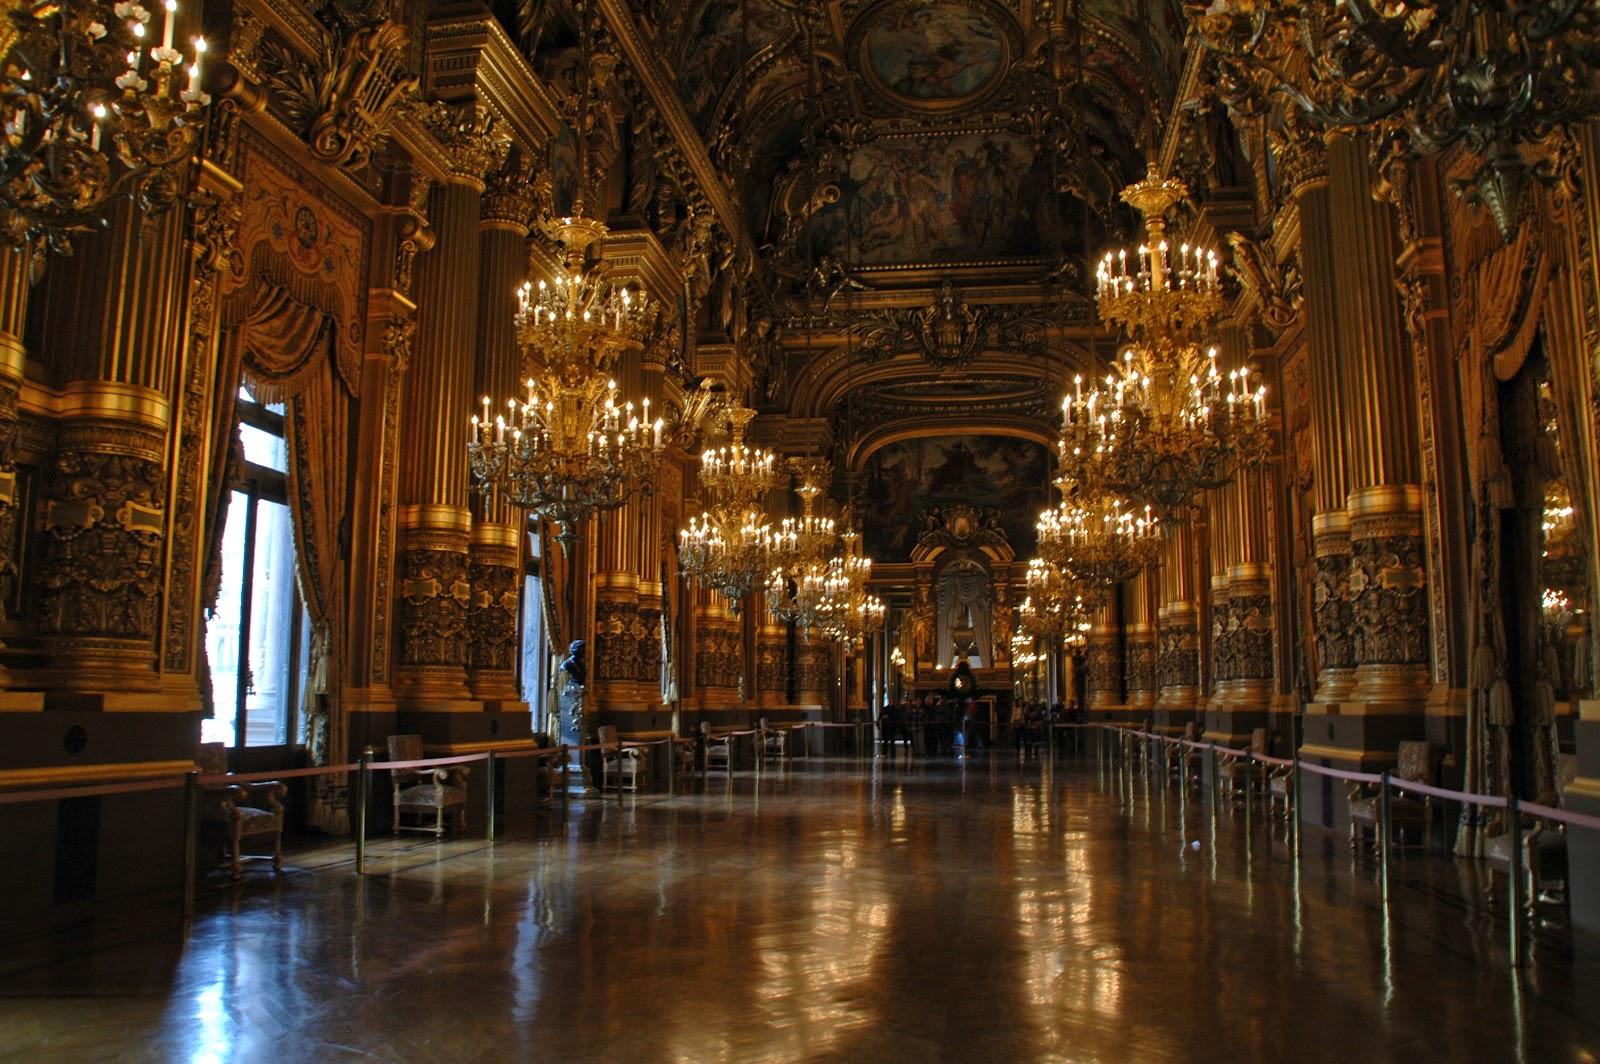 L Opéra Garnier Grand Foyer De L Opera : Paris and beyond palais garnier the grand foyer